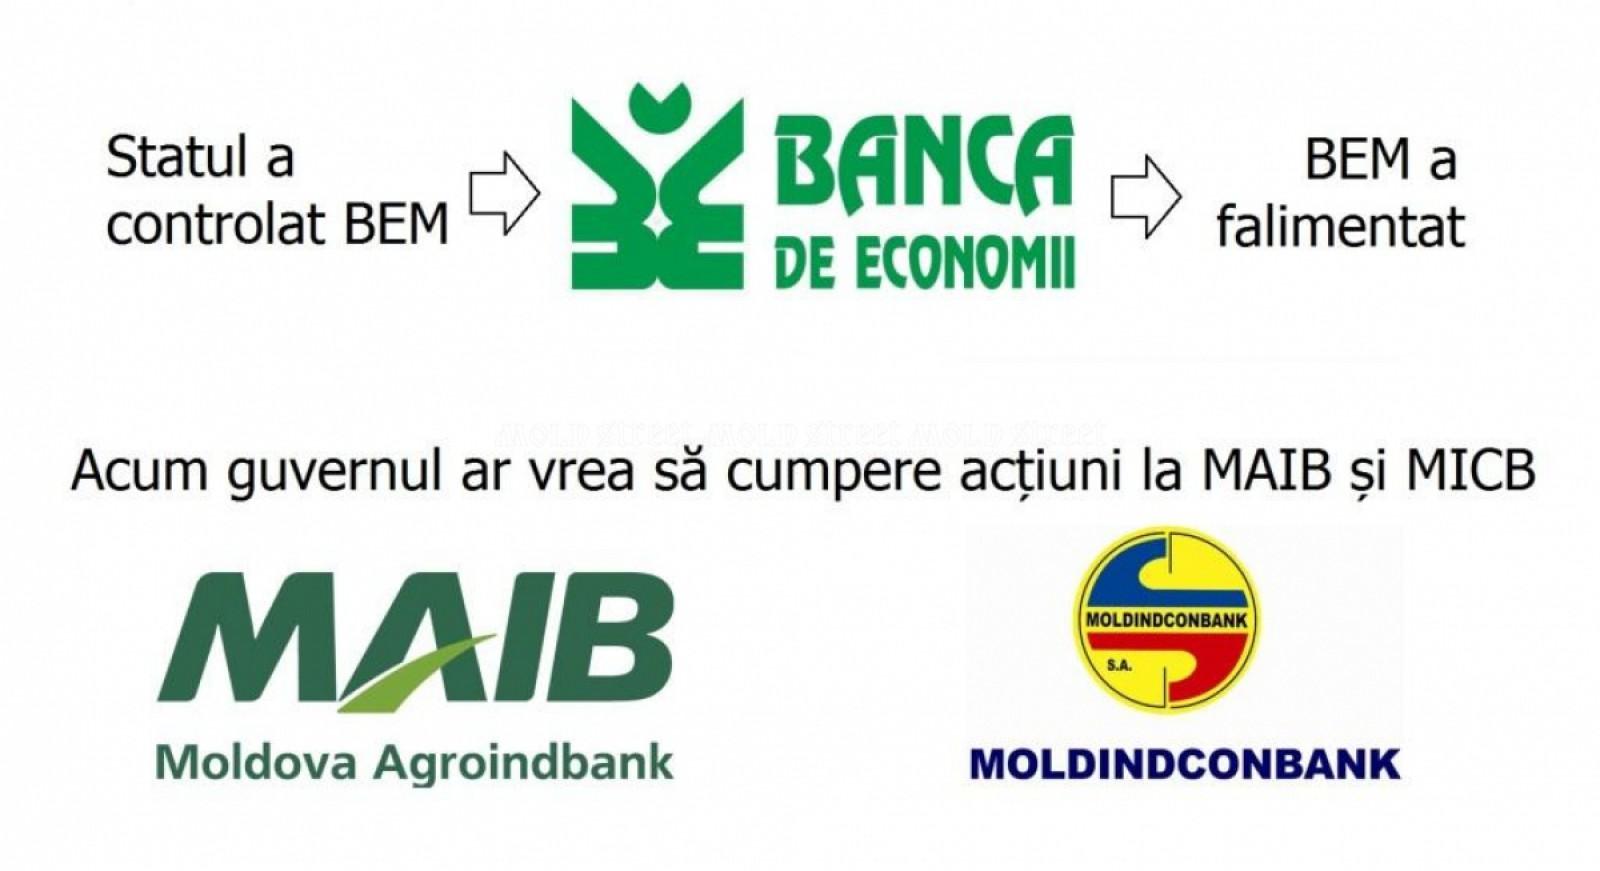 Mold-street: Guvernul se pregăteşte de cumpărarea pachetelor de acţiuni la cele mai mari bănci din Moldova